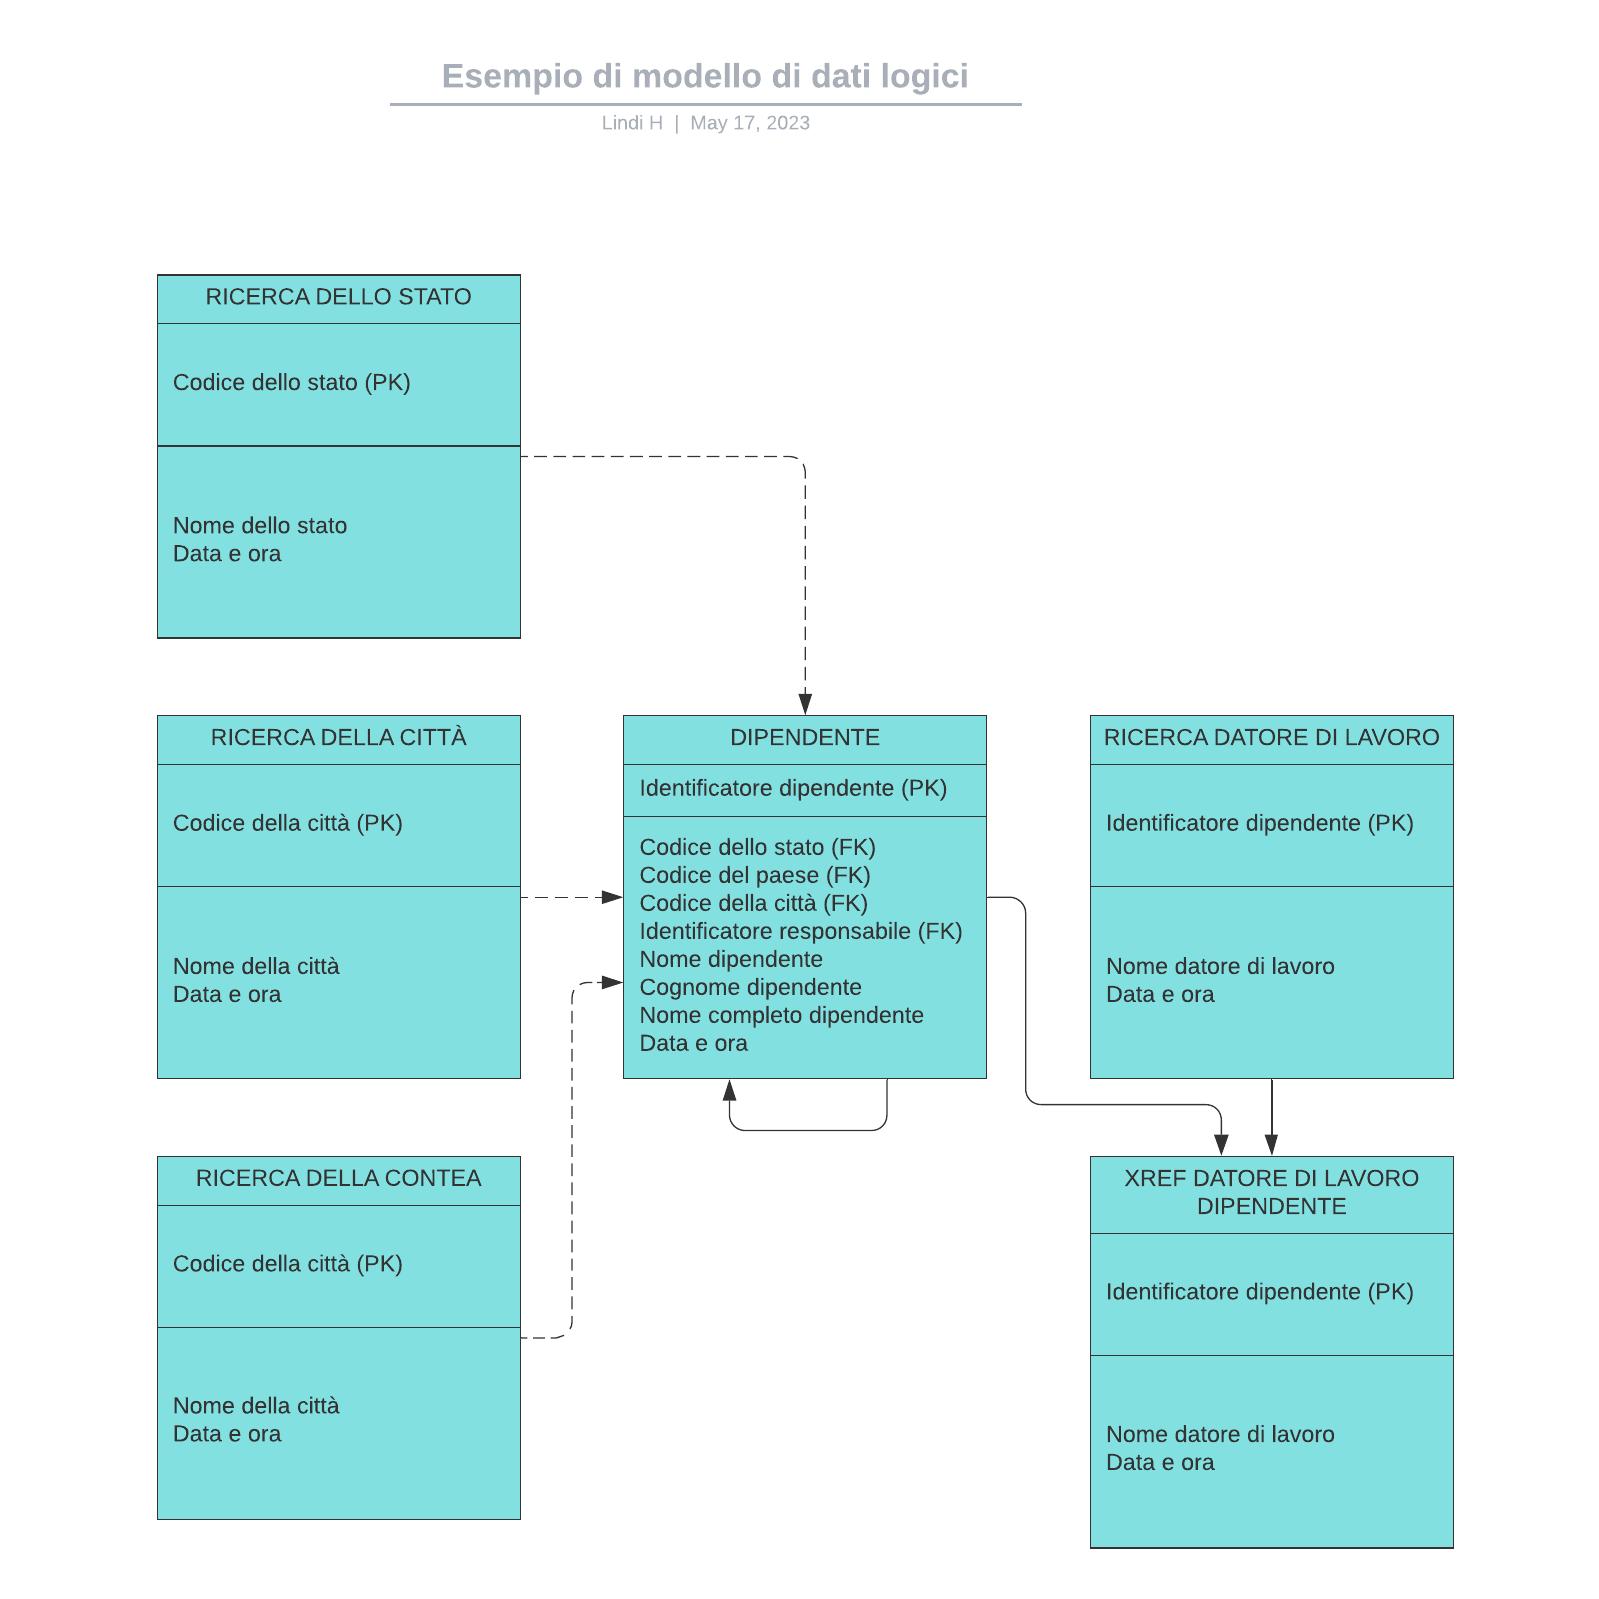 Esempio di modello di dati logici